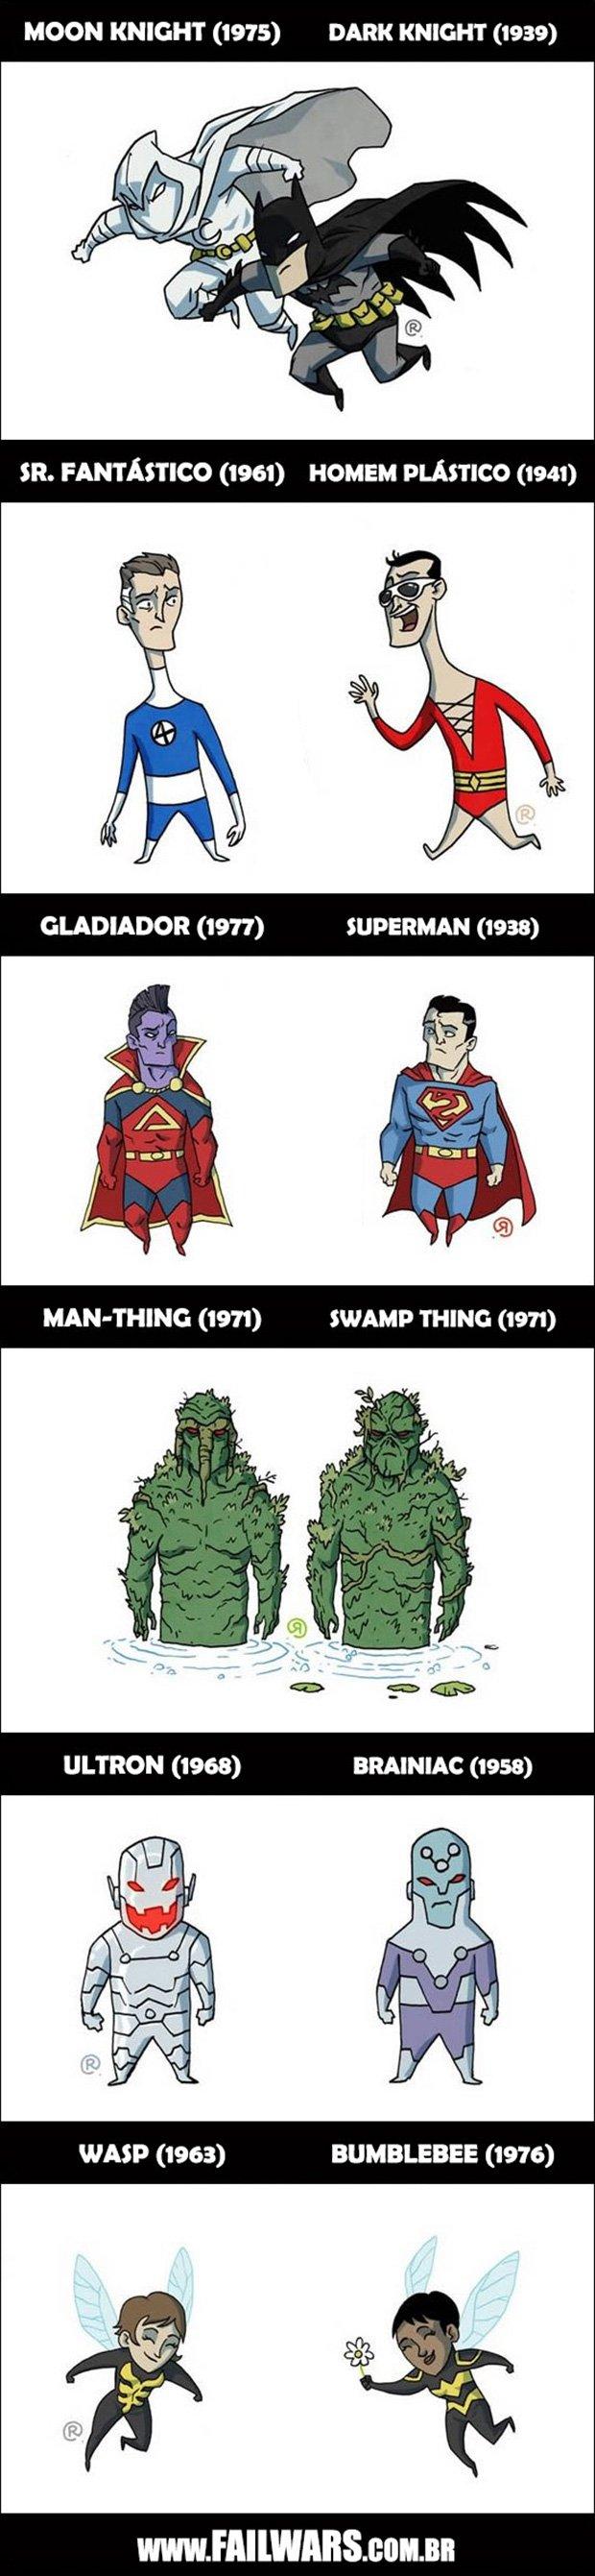 Personagens-equivalentes-entre-Marvel-e-DC-2_03